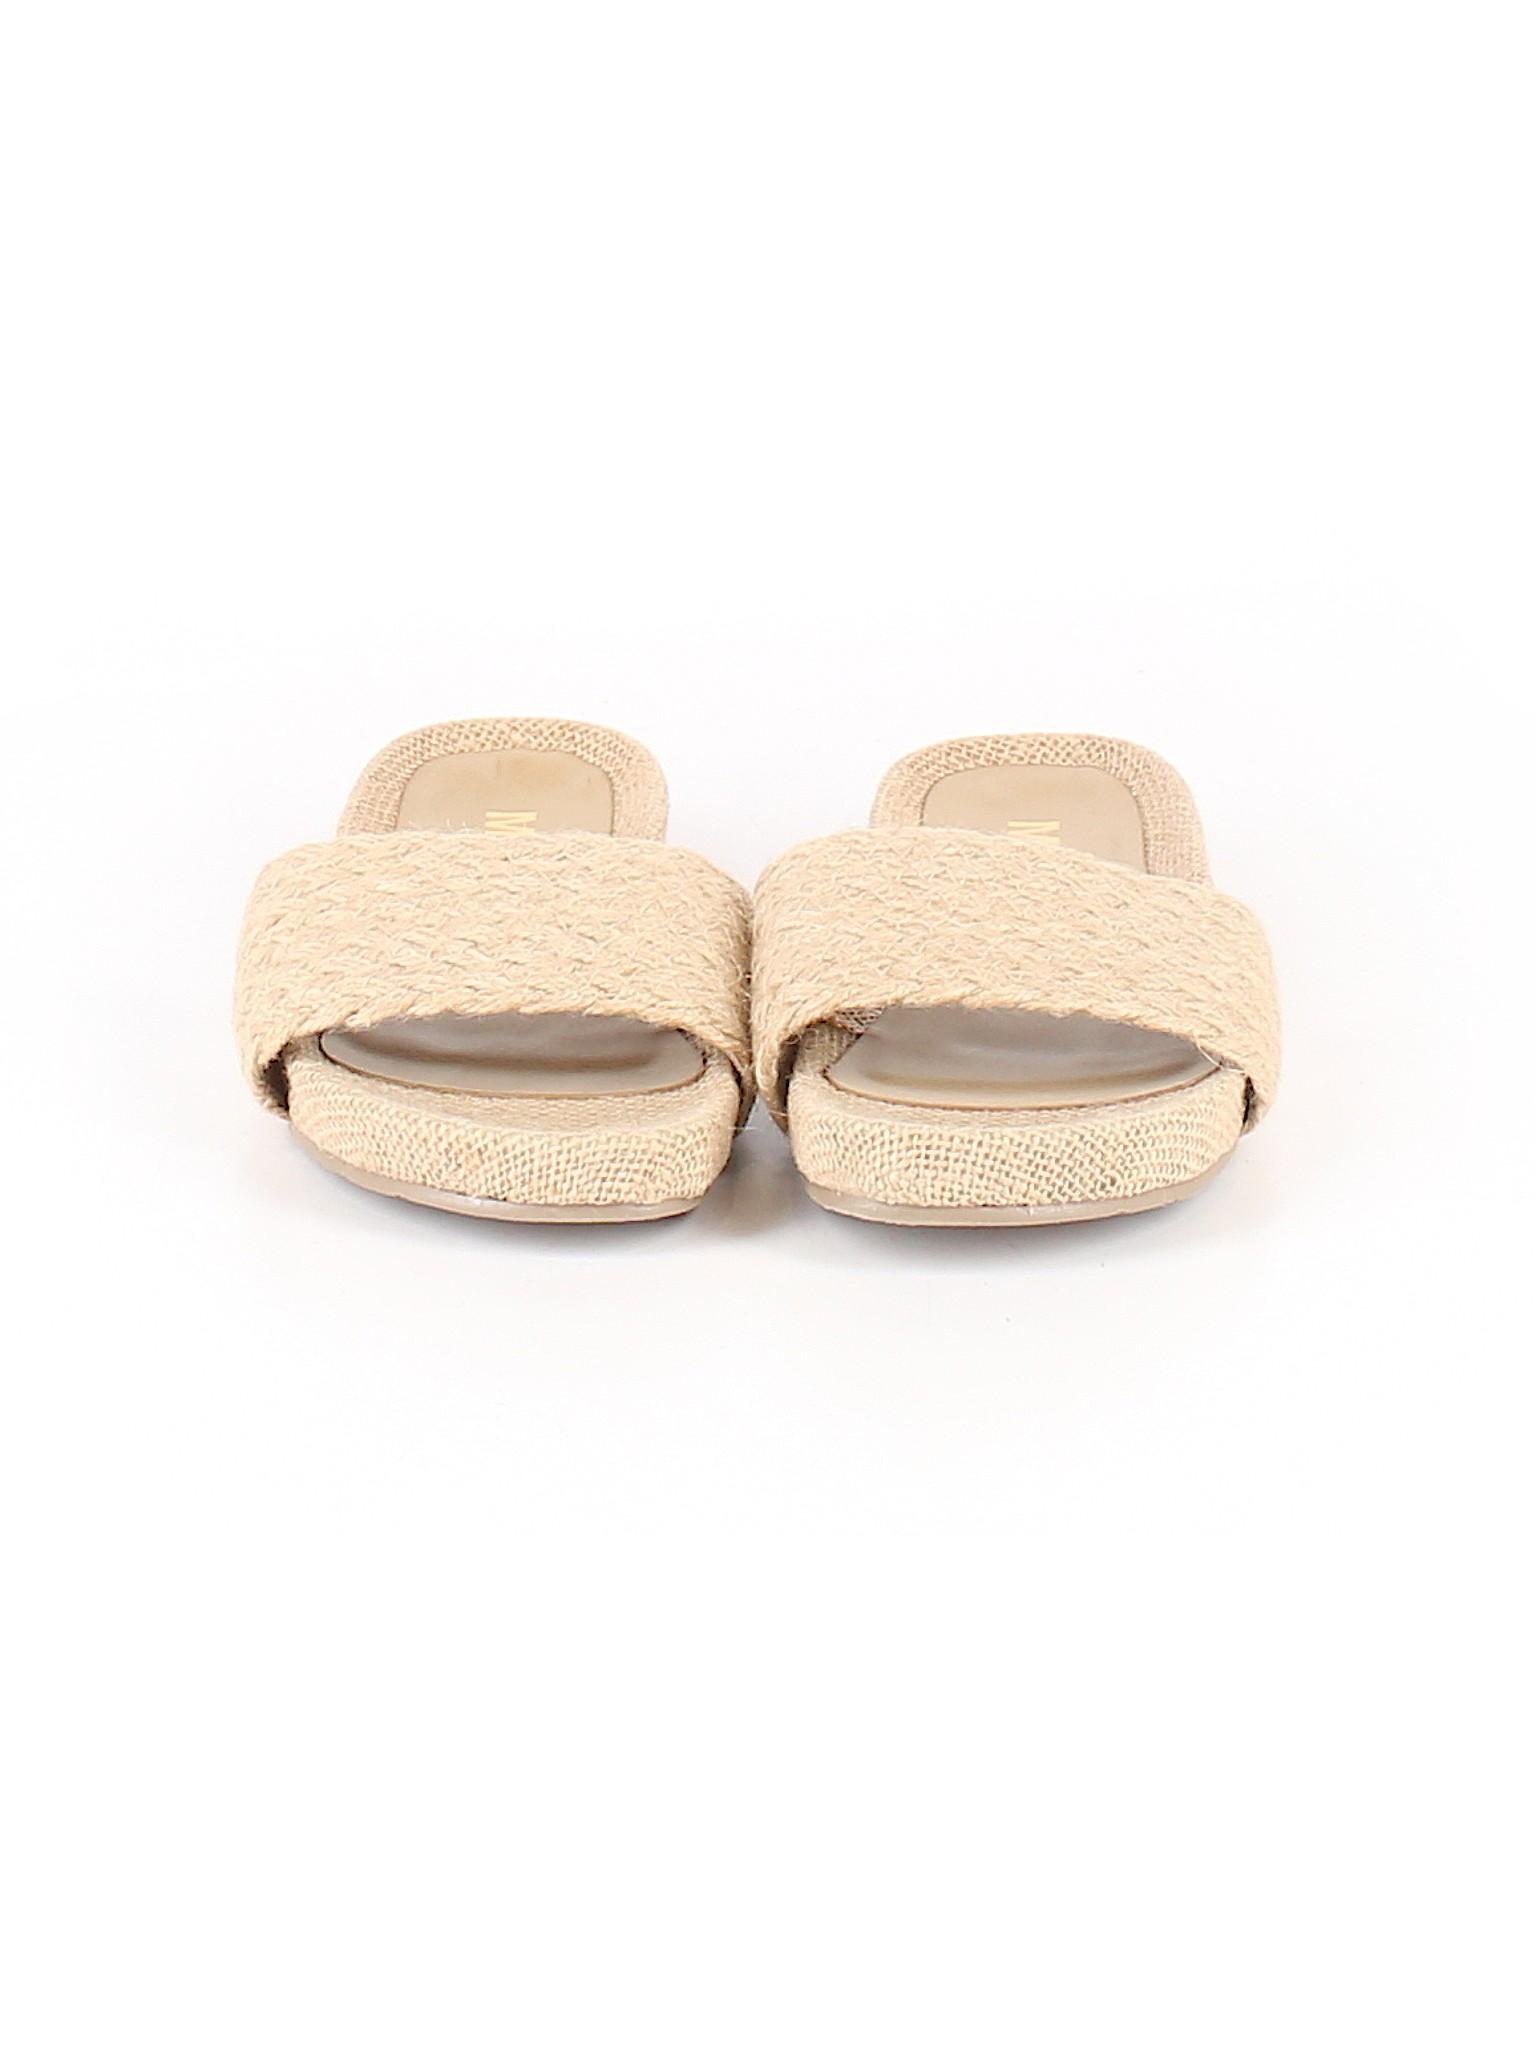 Boutique Mia promotion Sandals promotion Boutique RPqvORcBr